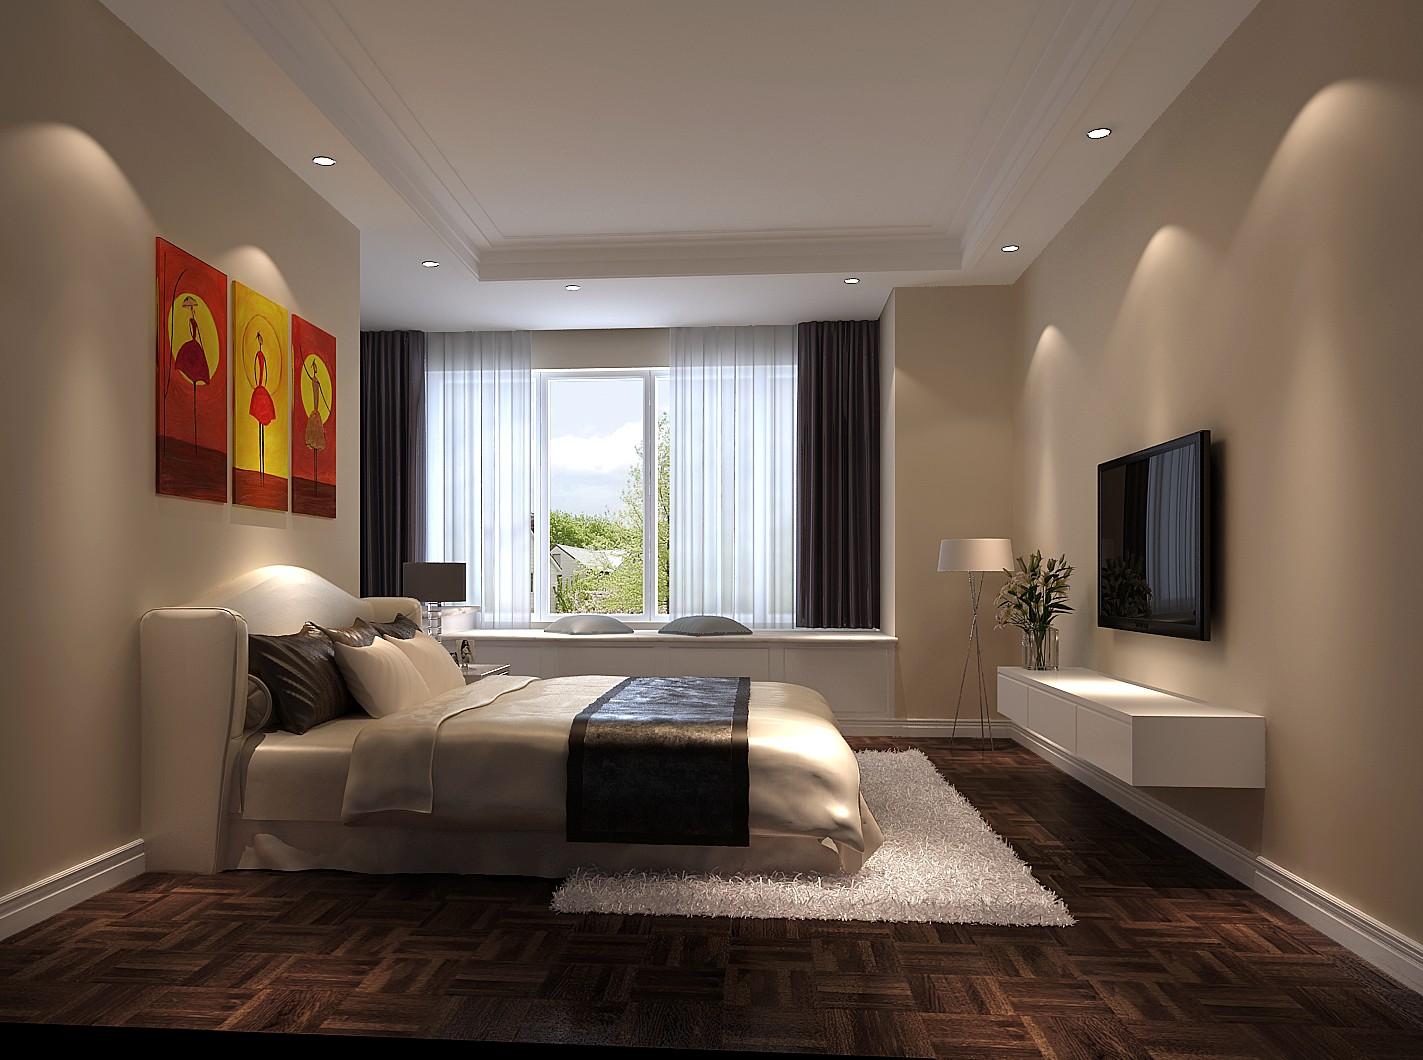 托斯卡纳 三居 白领 80后 小资 卧室图片来自沙漠雪雨在鲁能七号院140托斯卡纳三居的分享